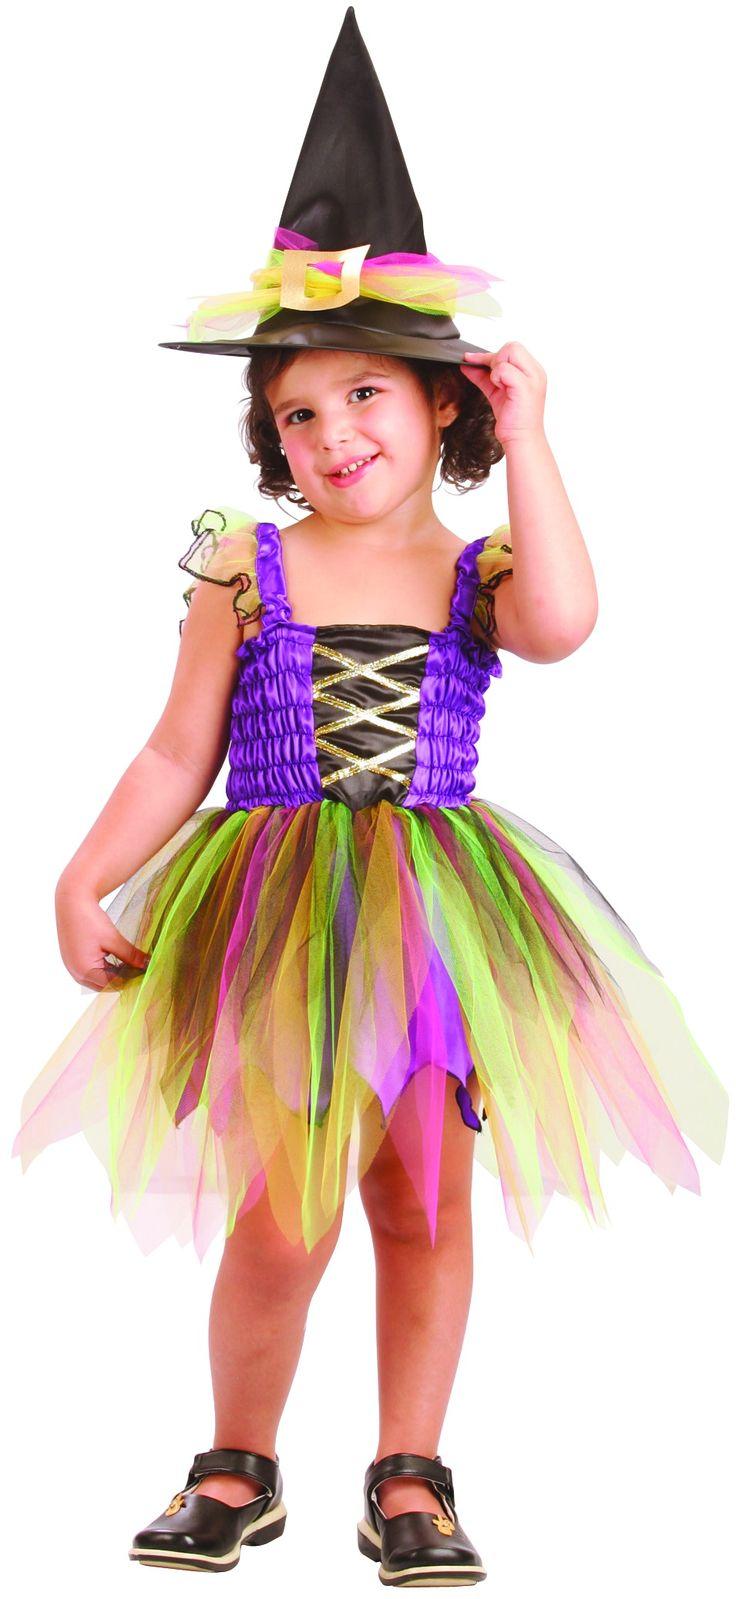 Questo costume da strega arcobaleno per bambina è composto da un abito e un cappello. Il costume è di colore viola all'altezza del busto e la gonna é formata da veli multicolore. Il cappello a punta di colore nero, possiede un grande fiocco di tulle arcobaleno.  Qusto travestimento sarà perfetto in occasione della festa di Halloween o per serate a tema.